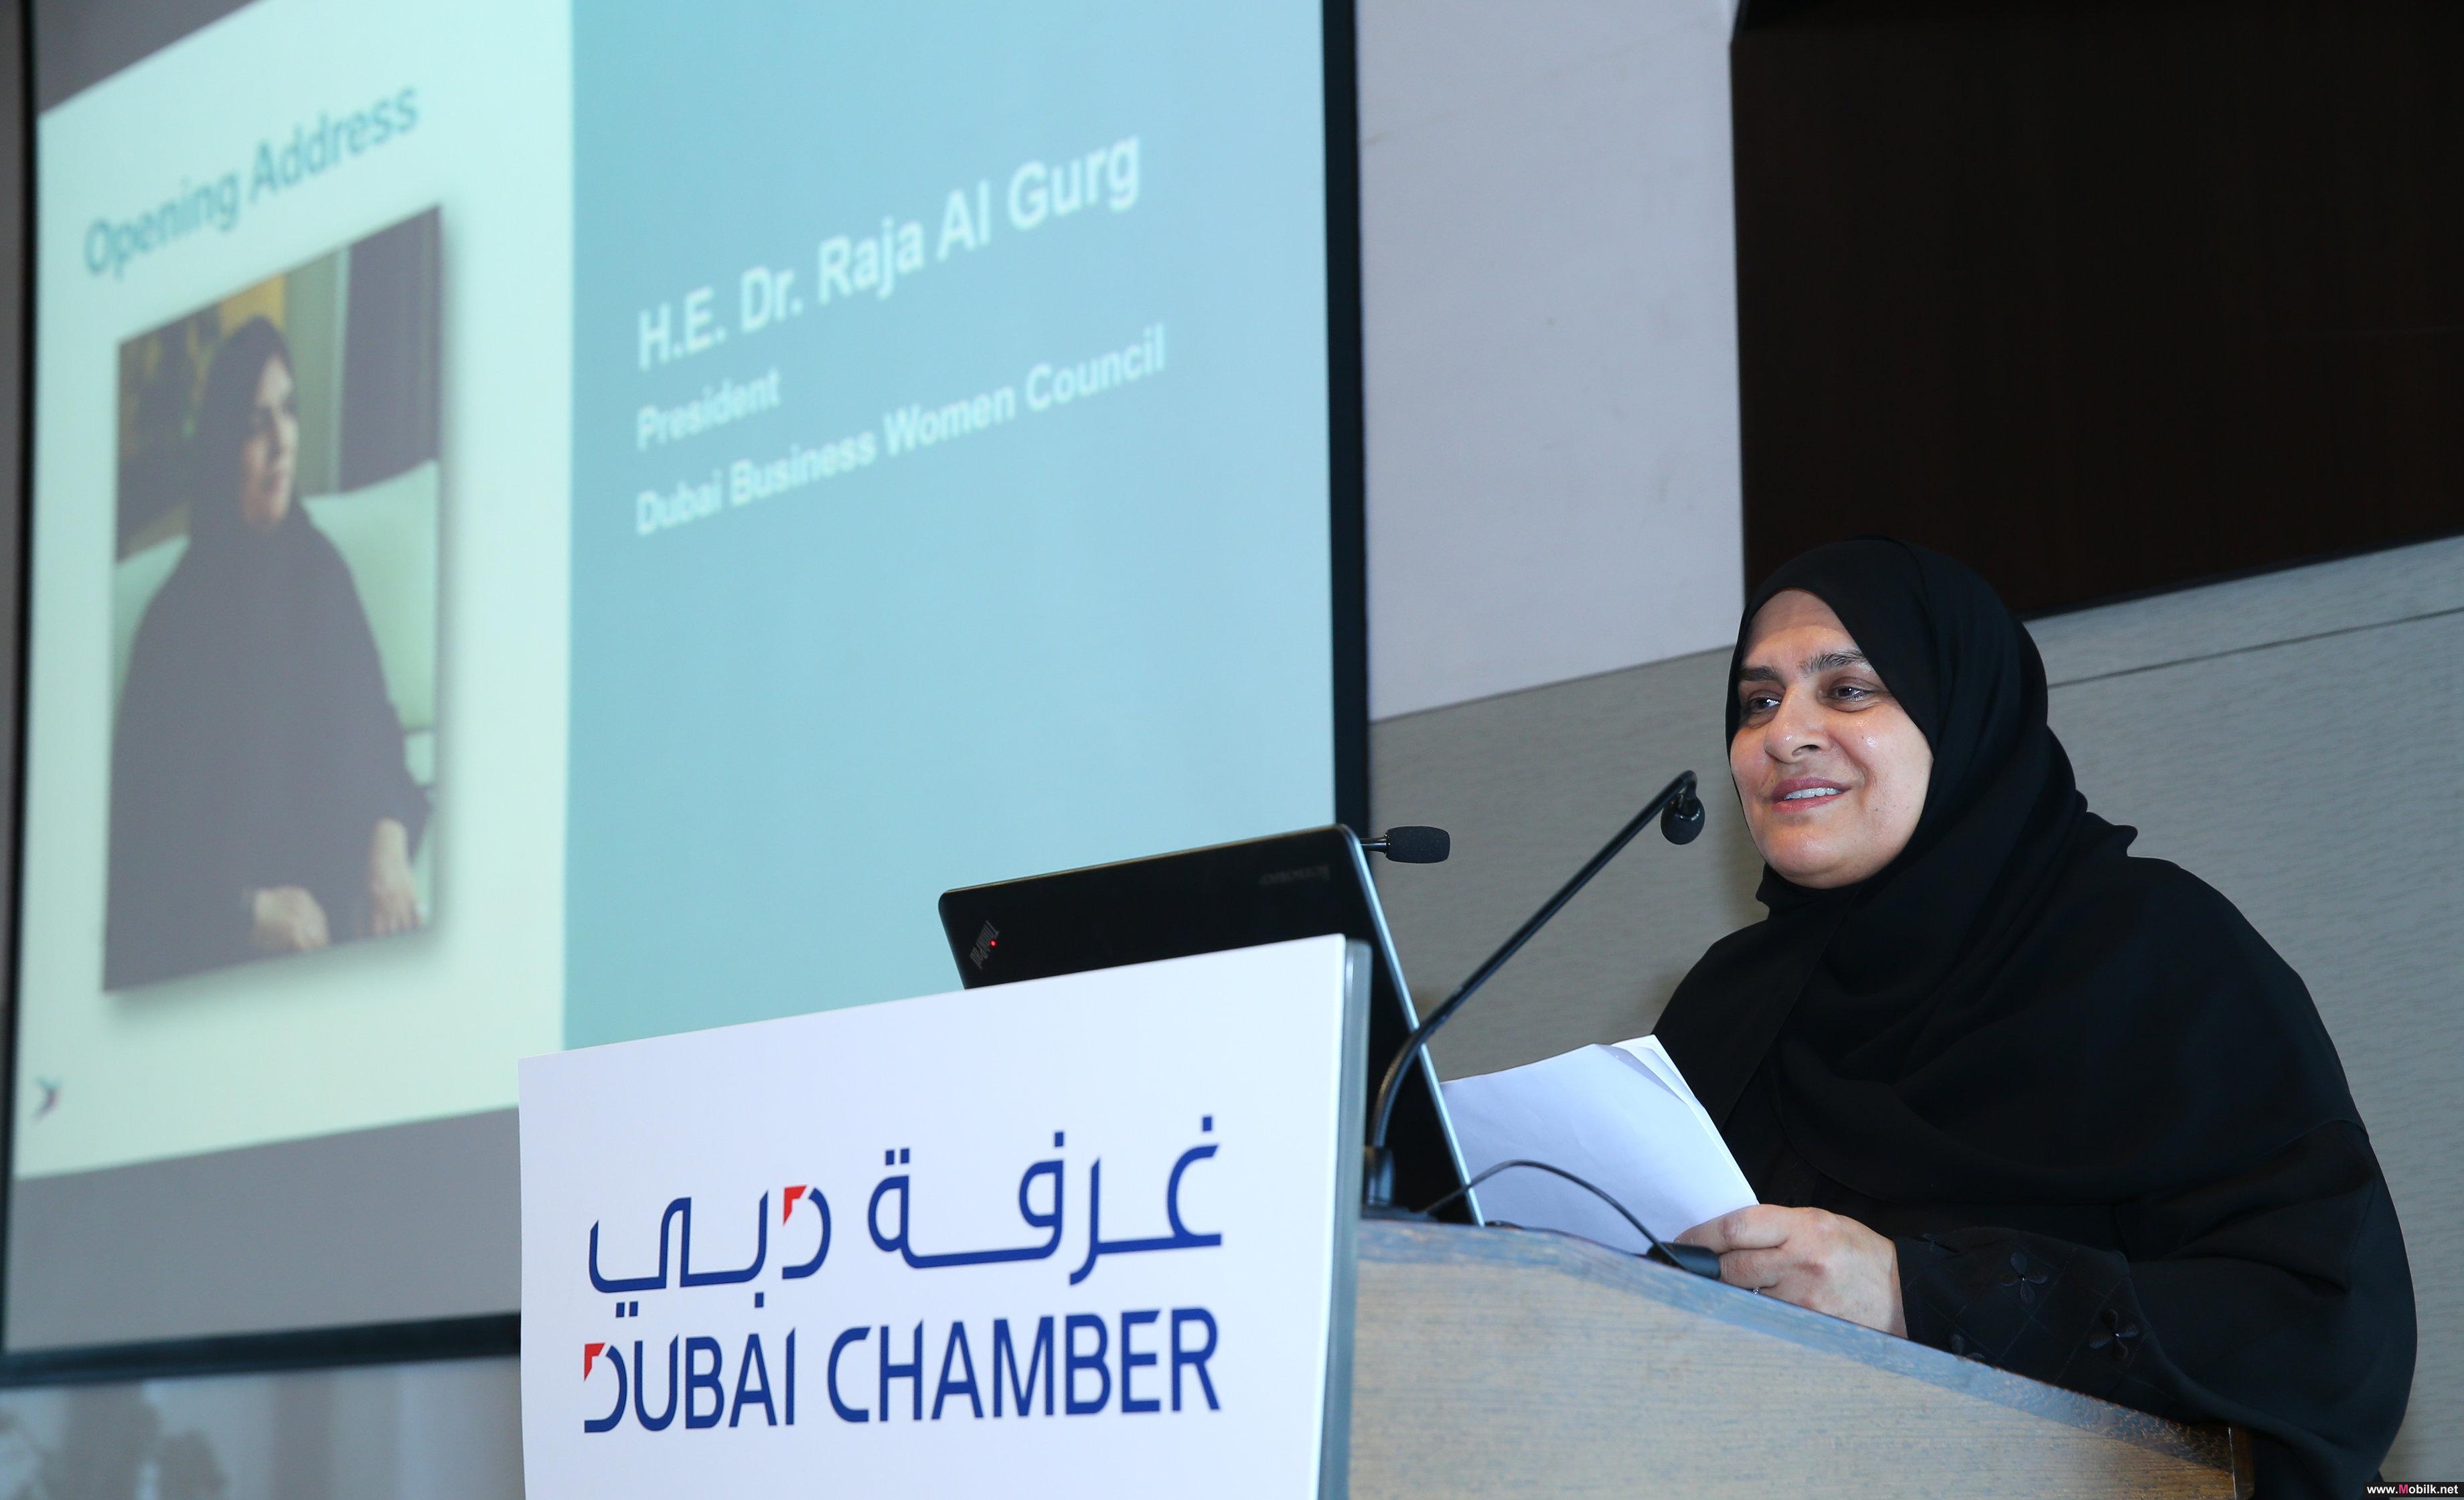 مجلس سيدات أعمال دبي يتعهد بتعزيز المساواه بين الجنسين في ملتقى